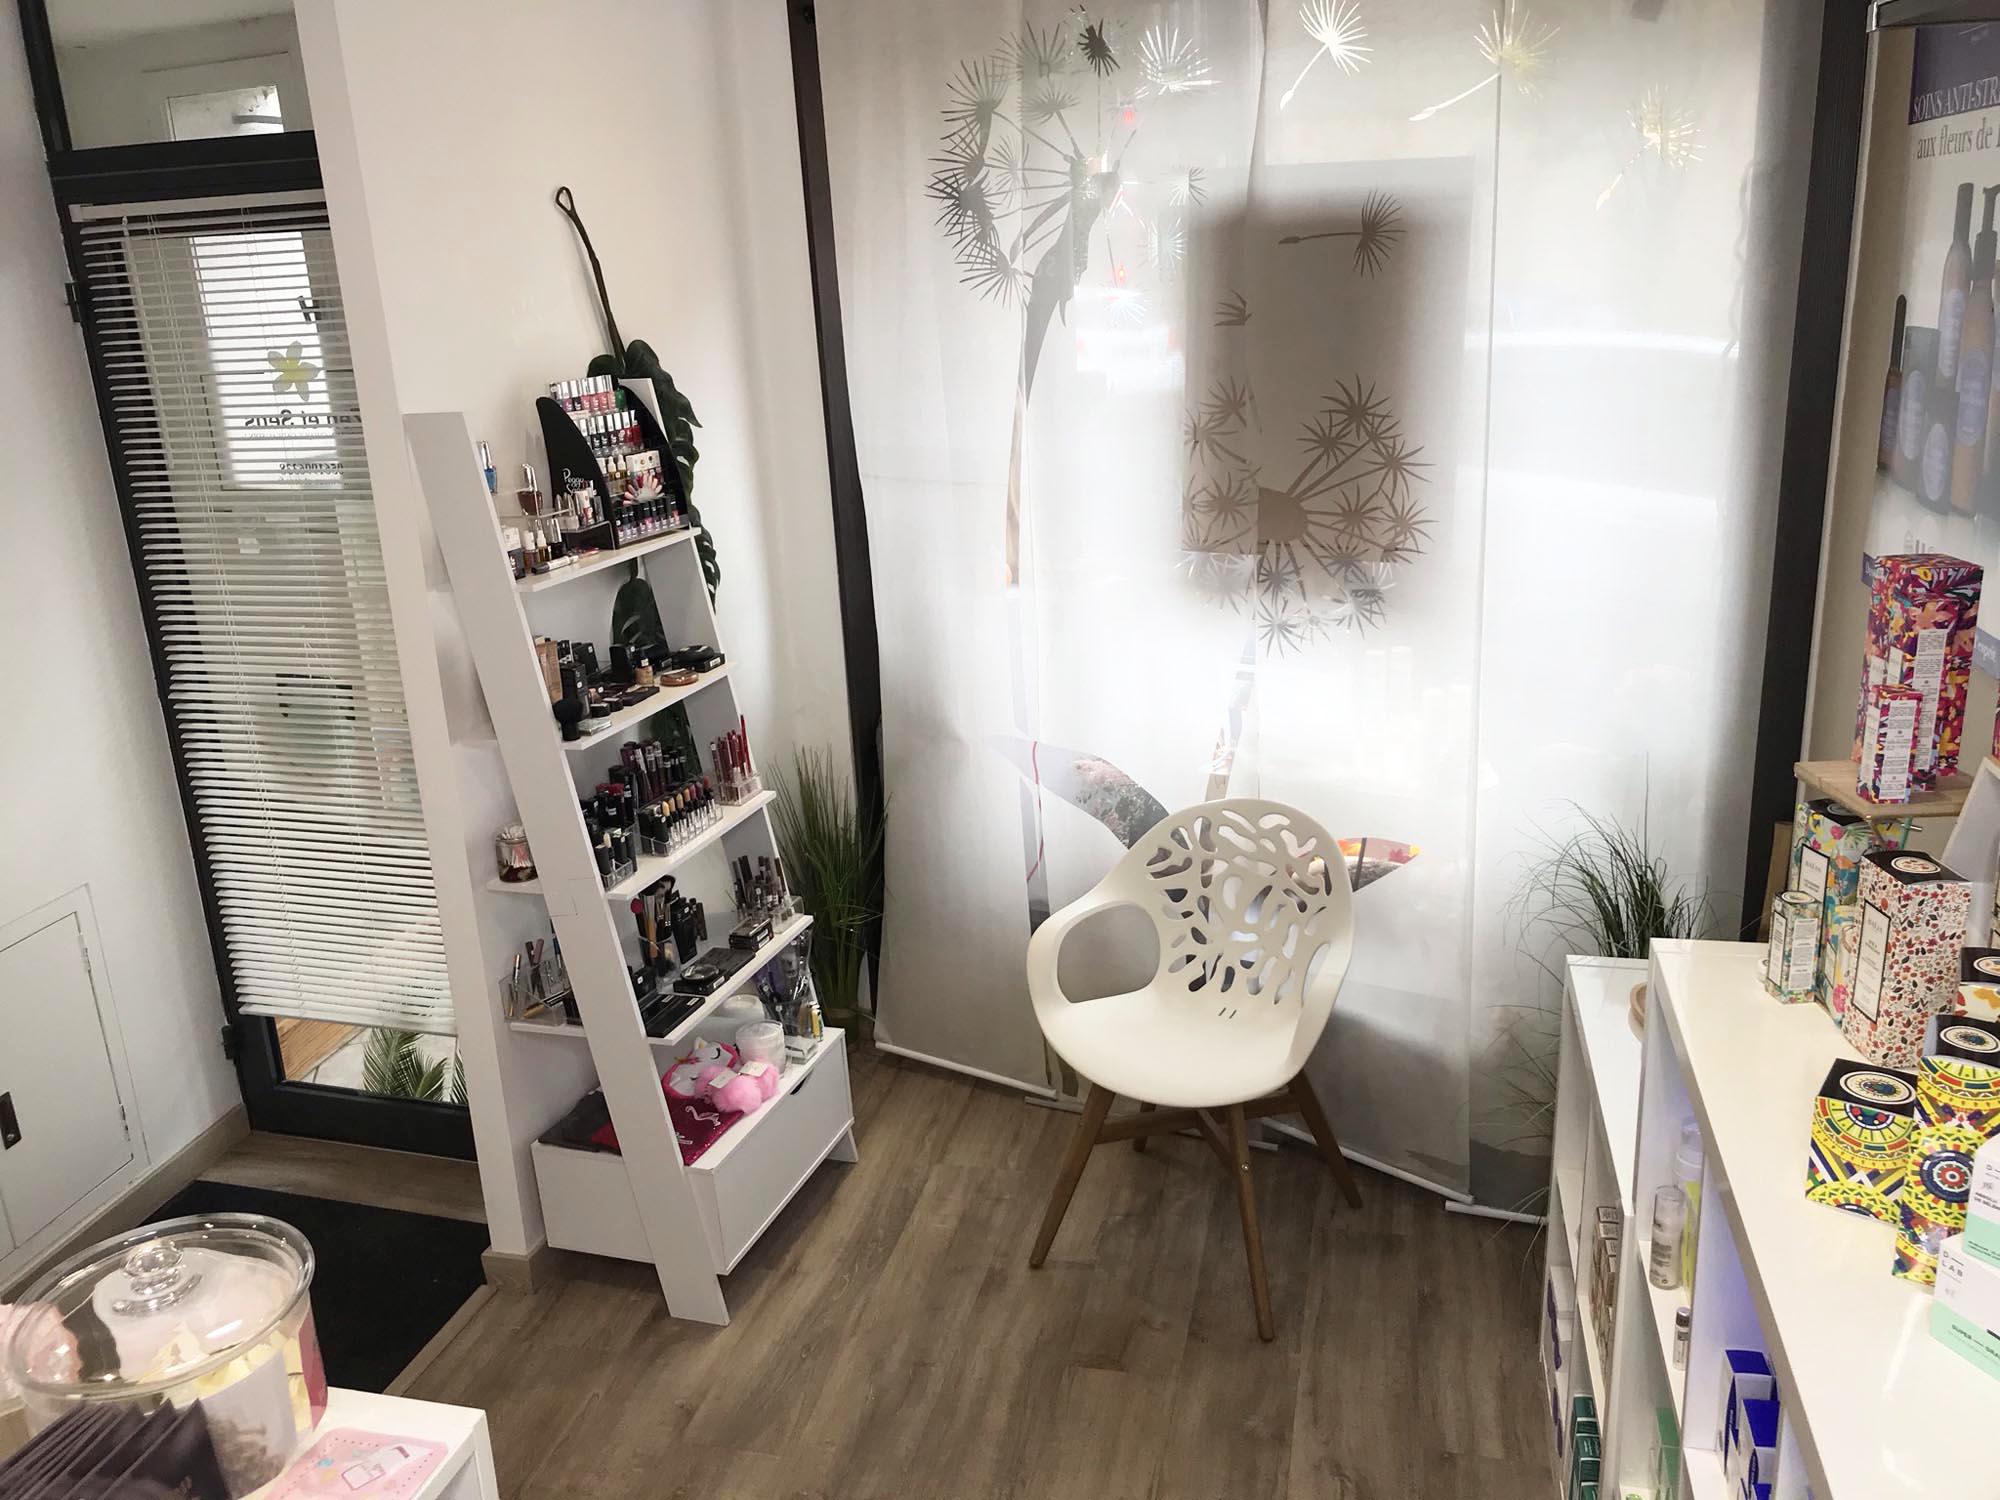 Institut de beauté Toulouse spécialiste minceur et anti-âge